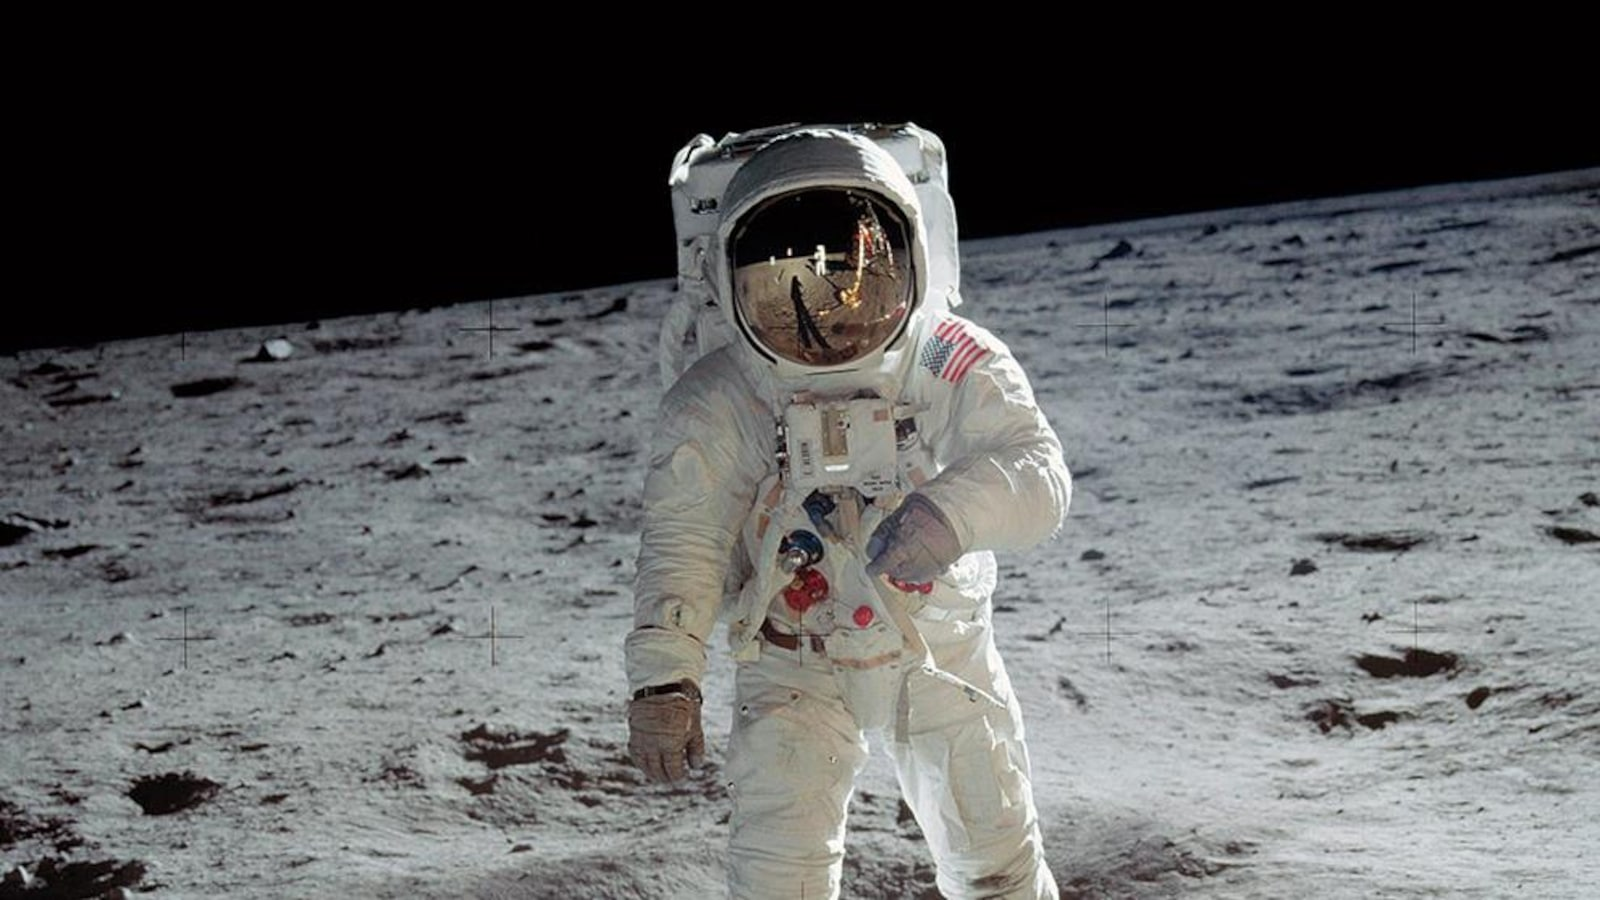 Trump rencontre les astronautes d'Apollo 11 pour célébrer le 50e anniversaire